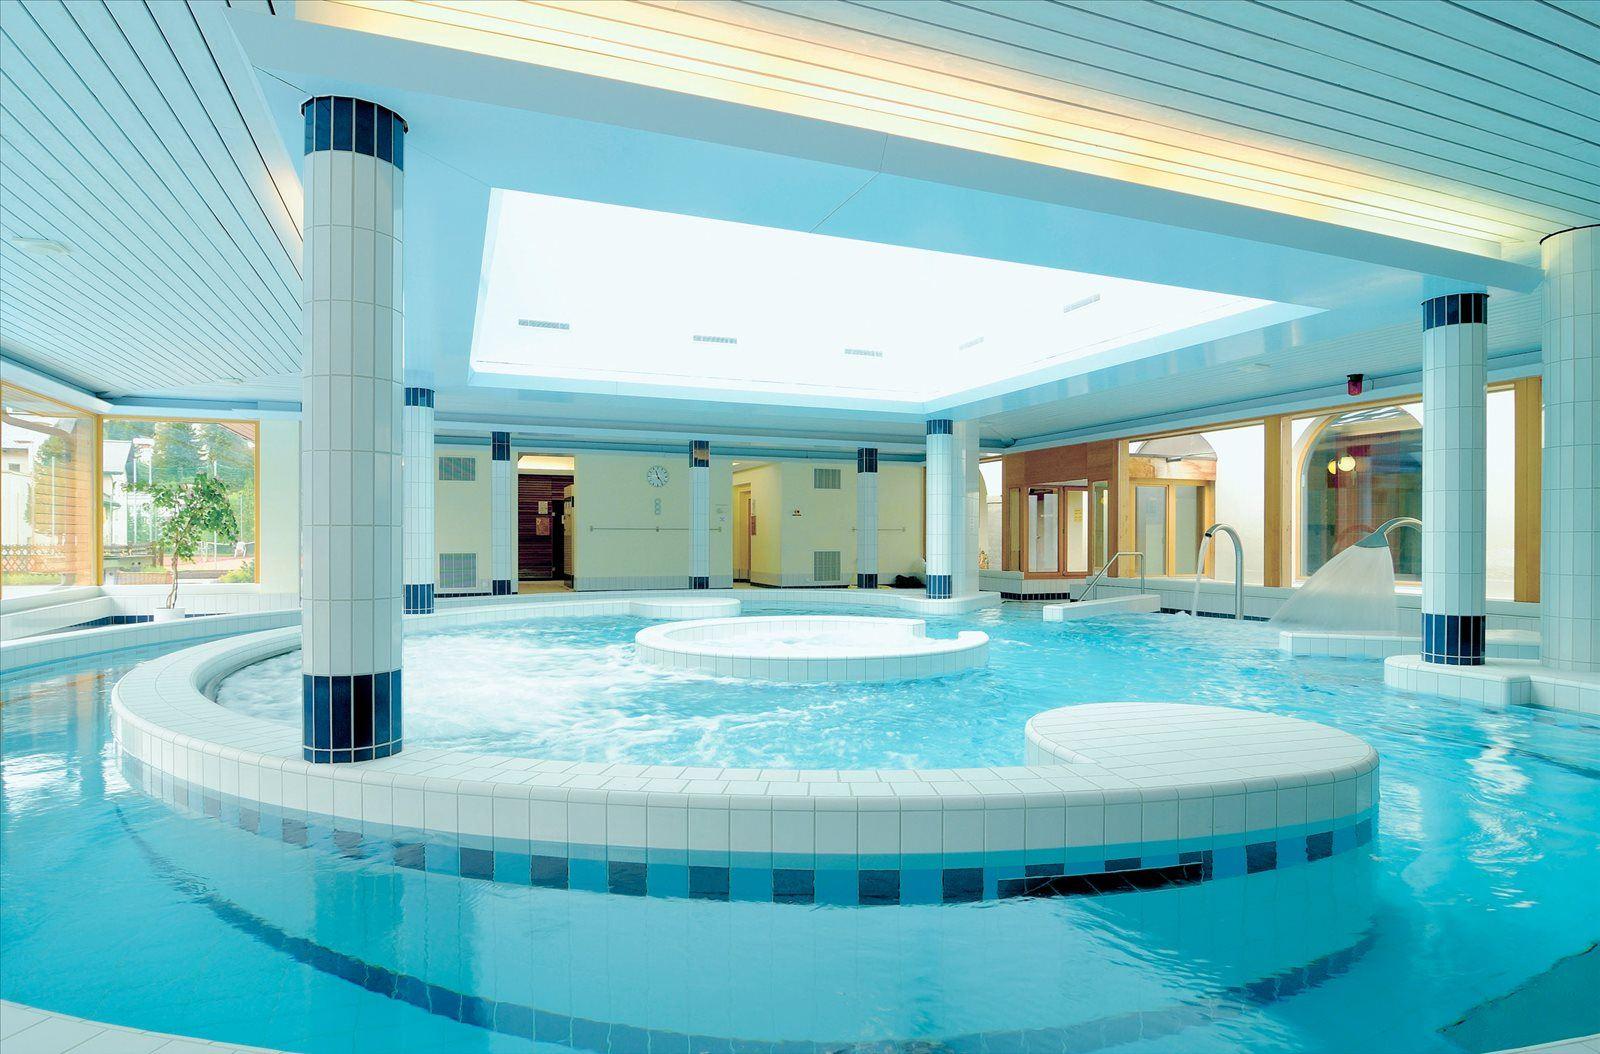 Hotel Altein - Arosa